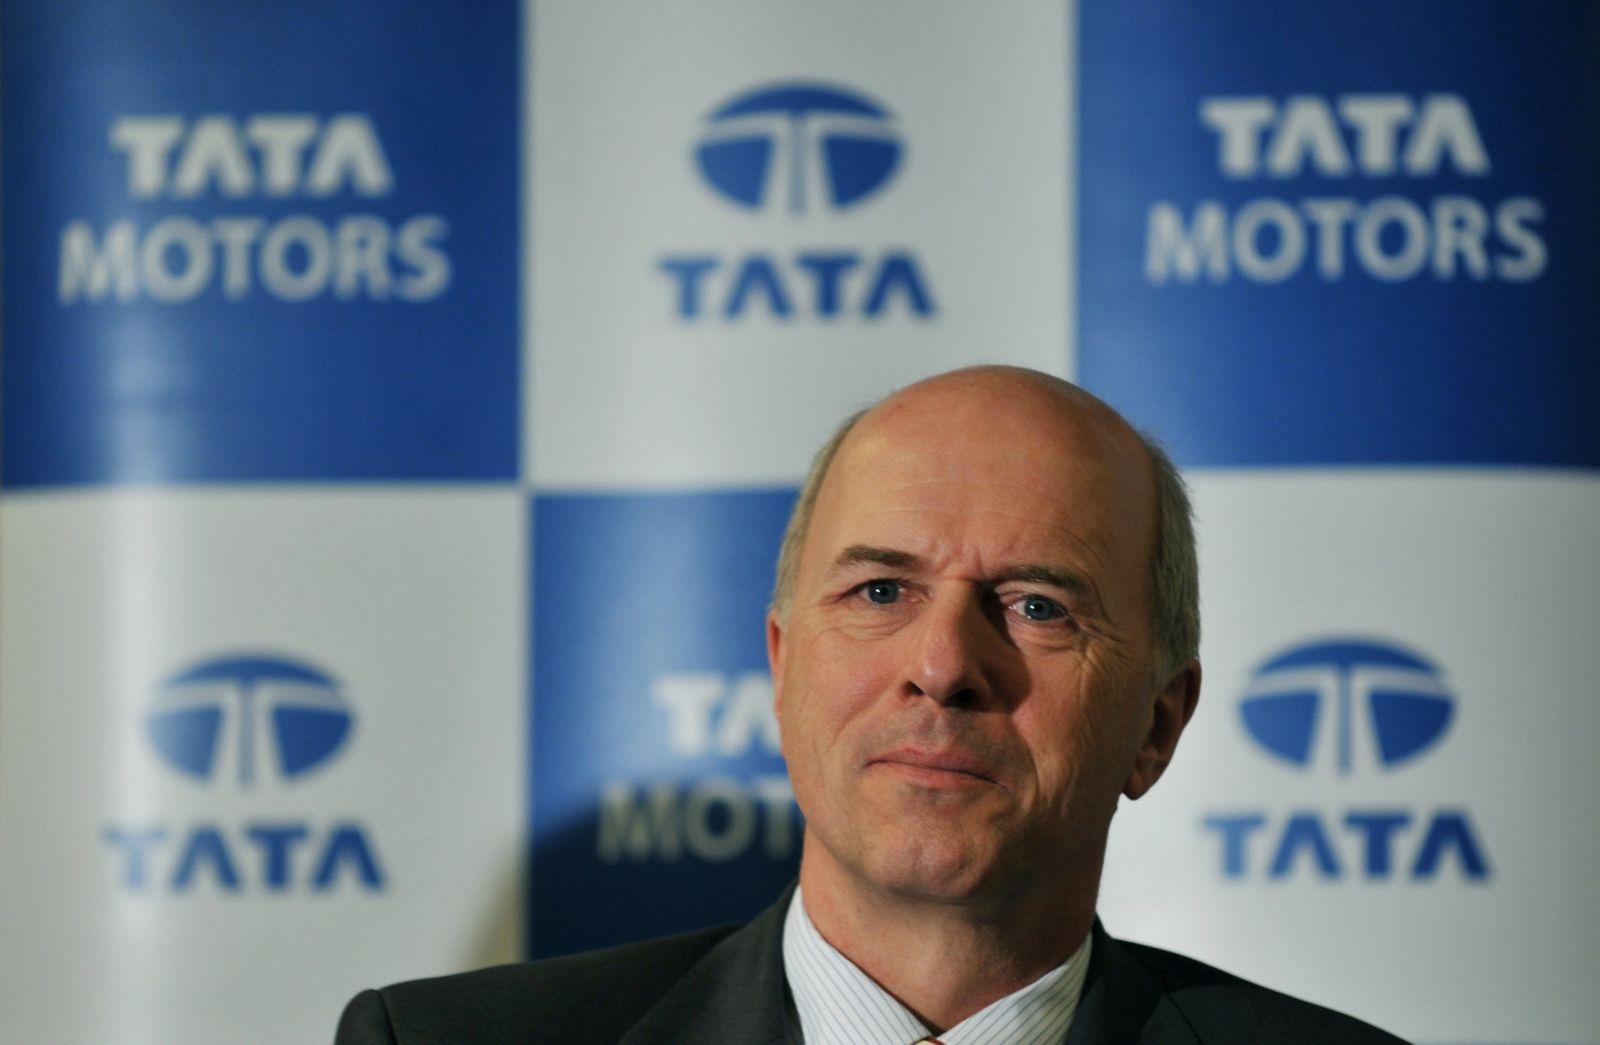 Carl-Peter Forster / Indien / Tata Motors